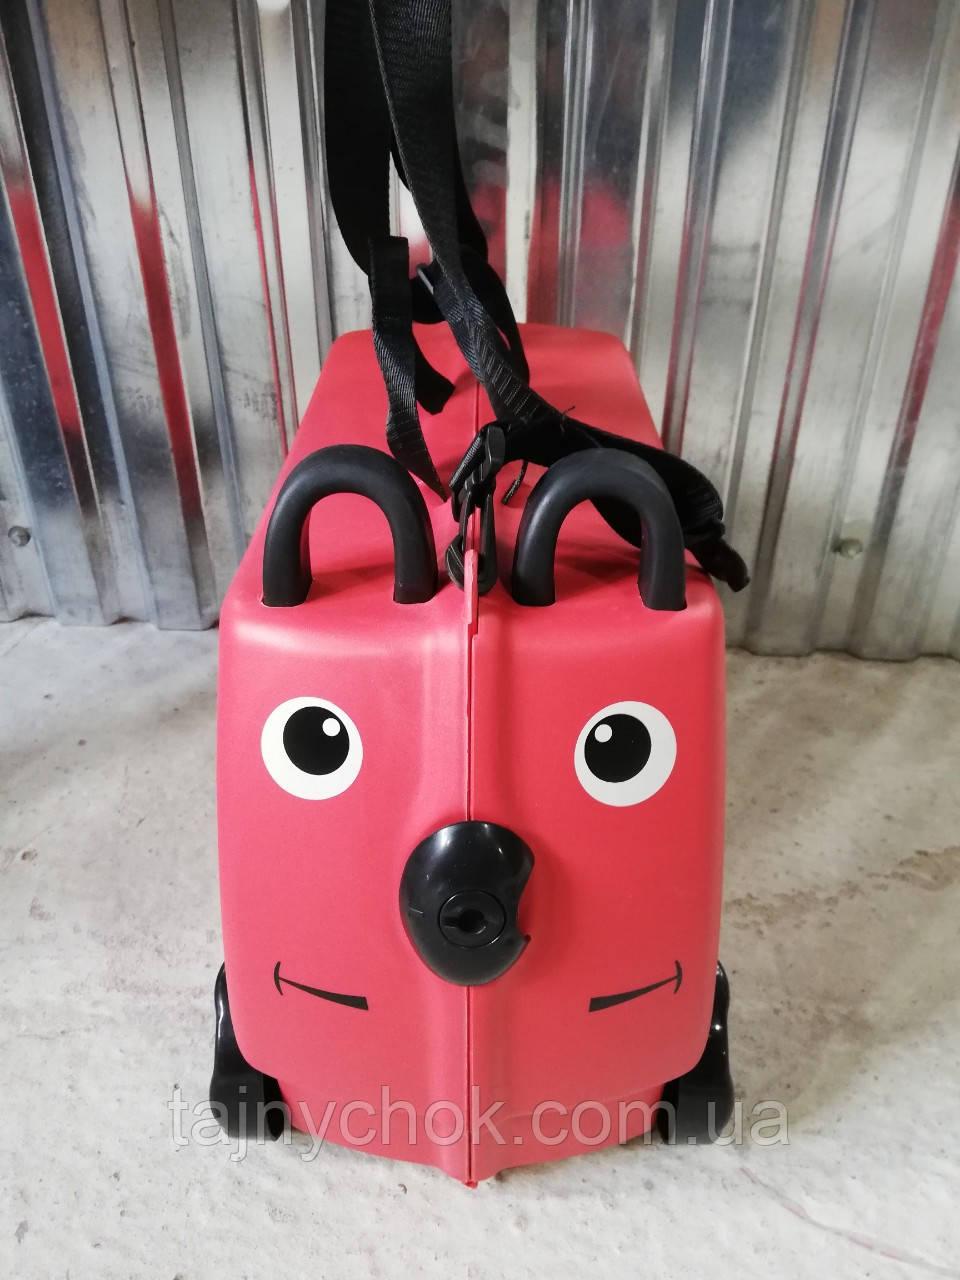 Детский пластиковый чемодан с сидением для ребенка